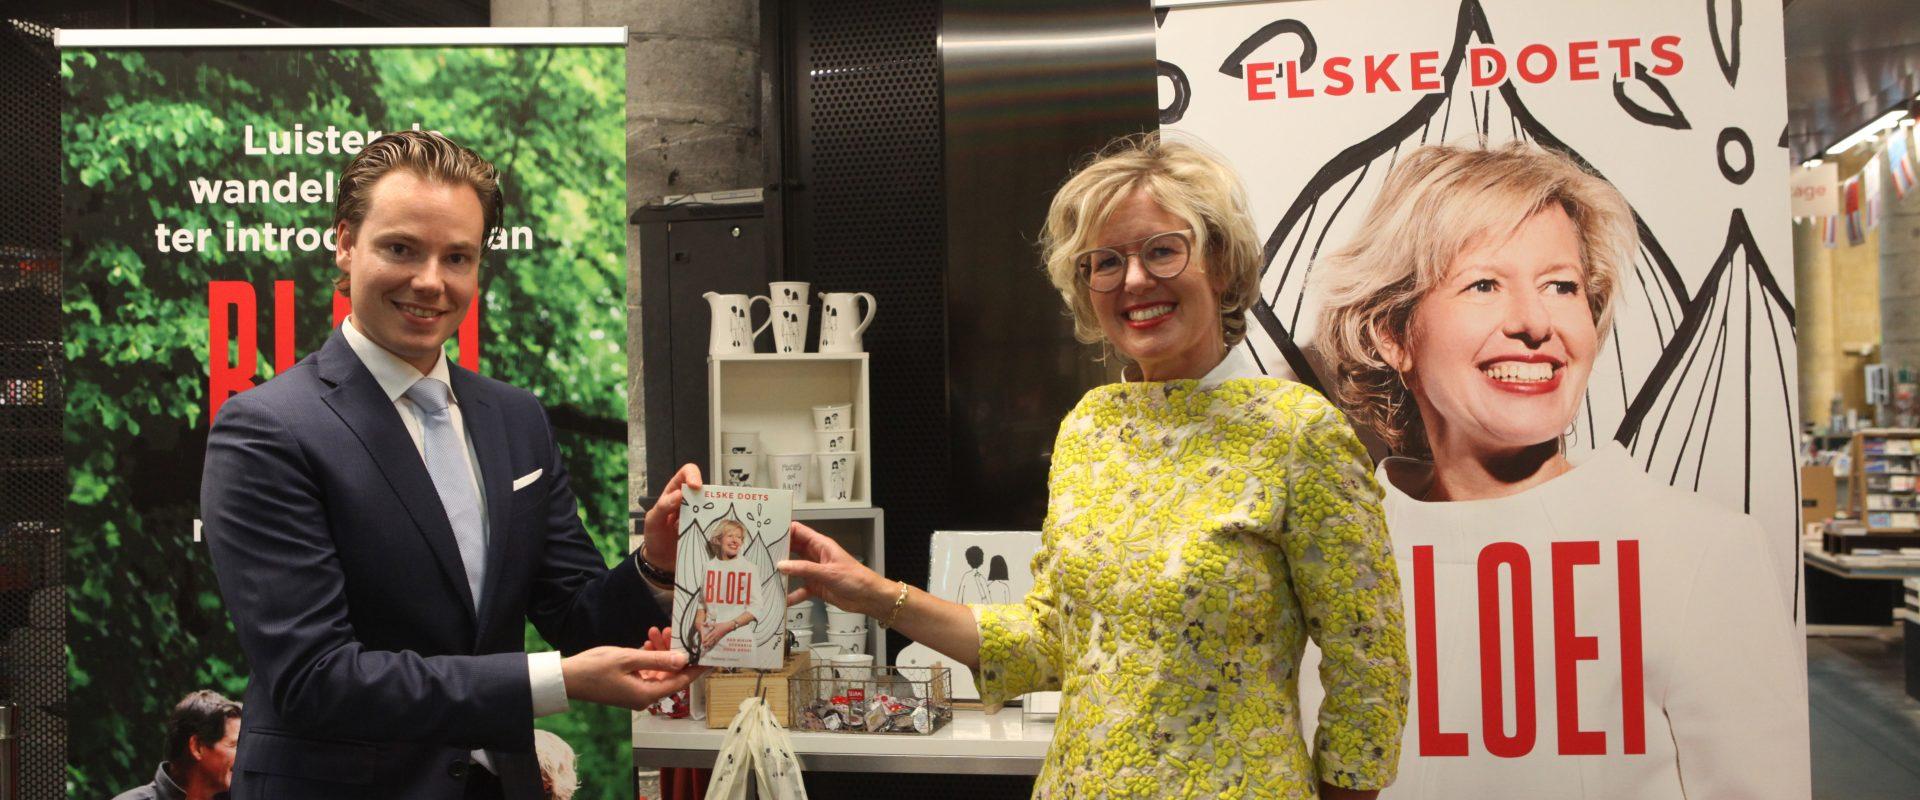 Boeklancering Bloei van Elske Doets in Maastricht